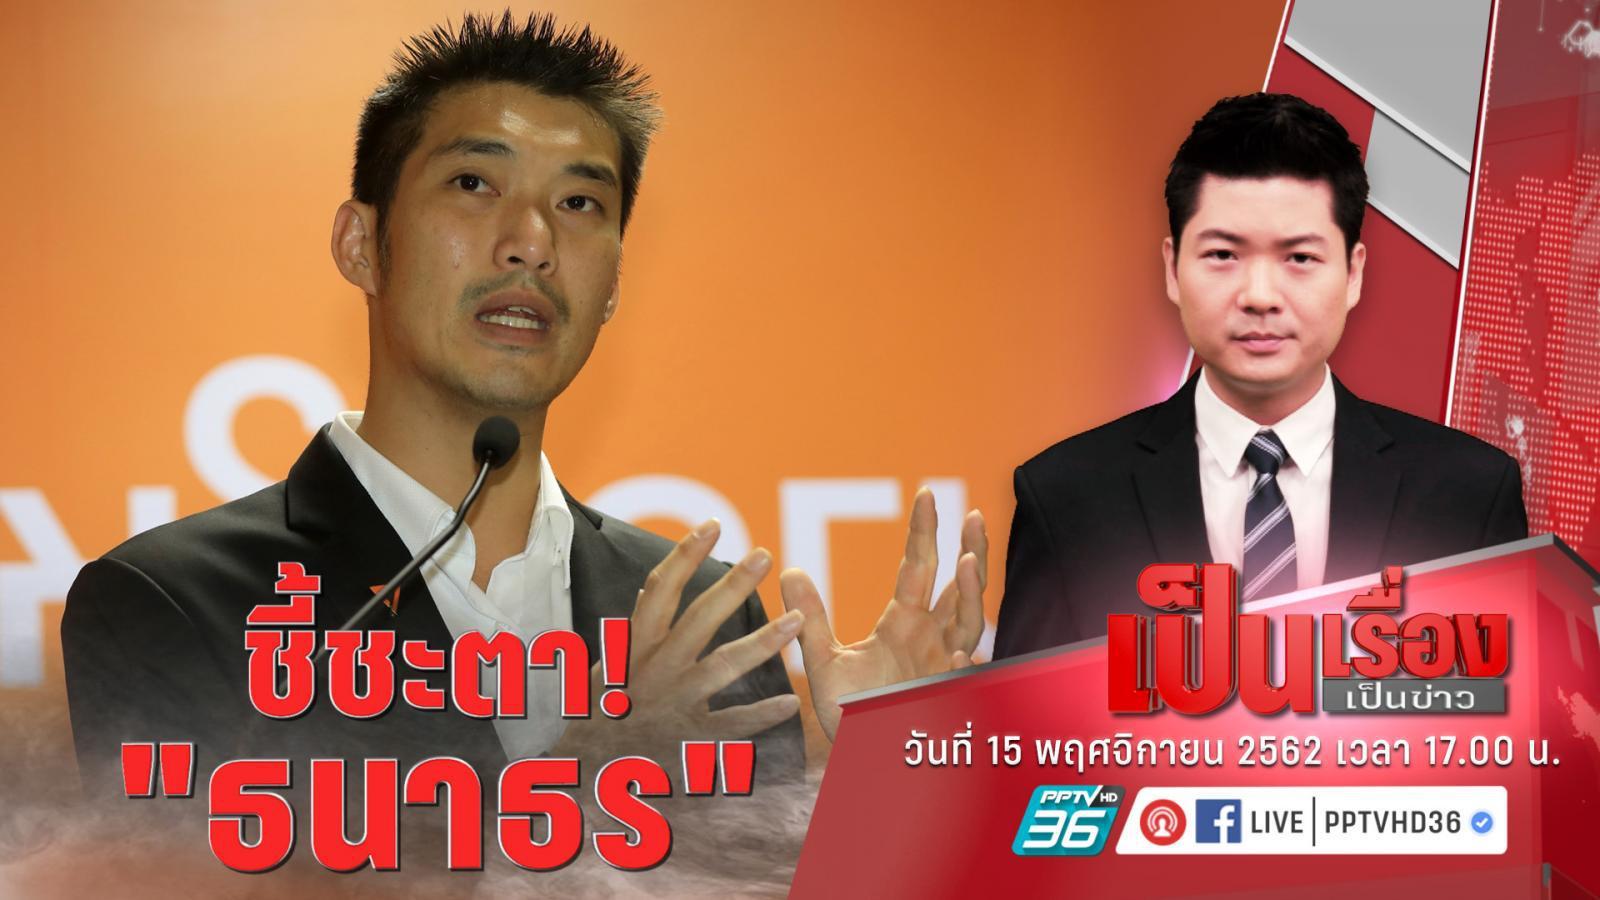 """""""เป็นเรื่องเป็นข่าว"""" – ชี้ชะตา! """"ธนาธร"""" ... จุดเปลี่ยนการเมืองไทย?"""